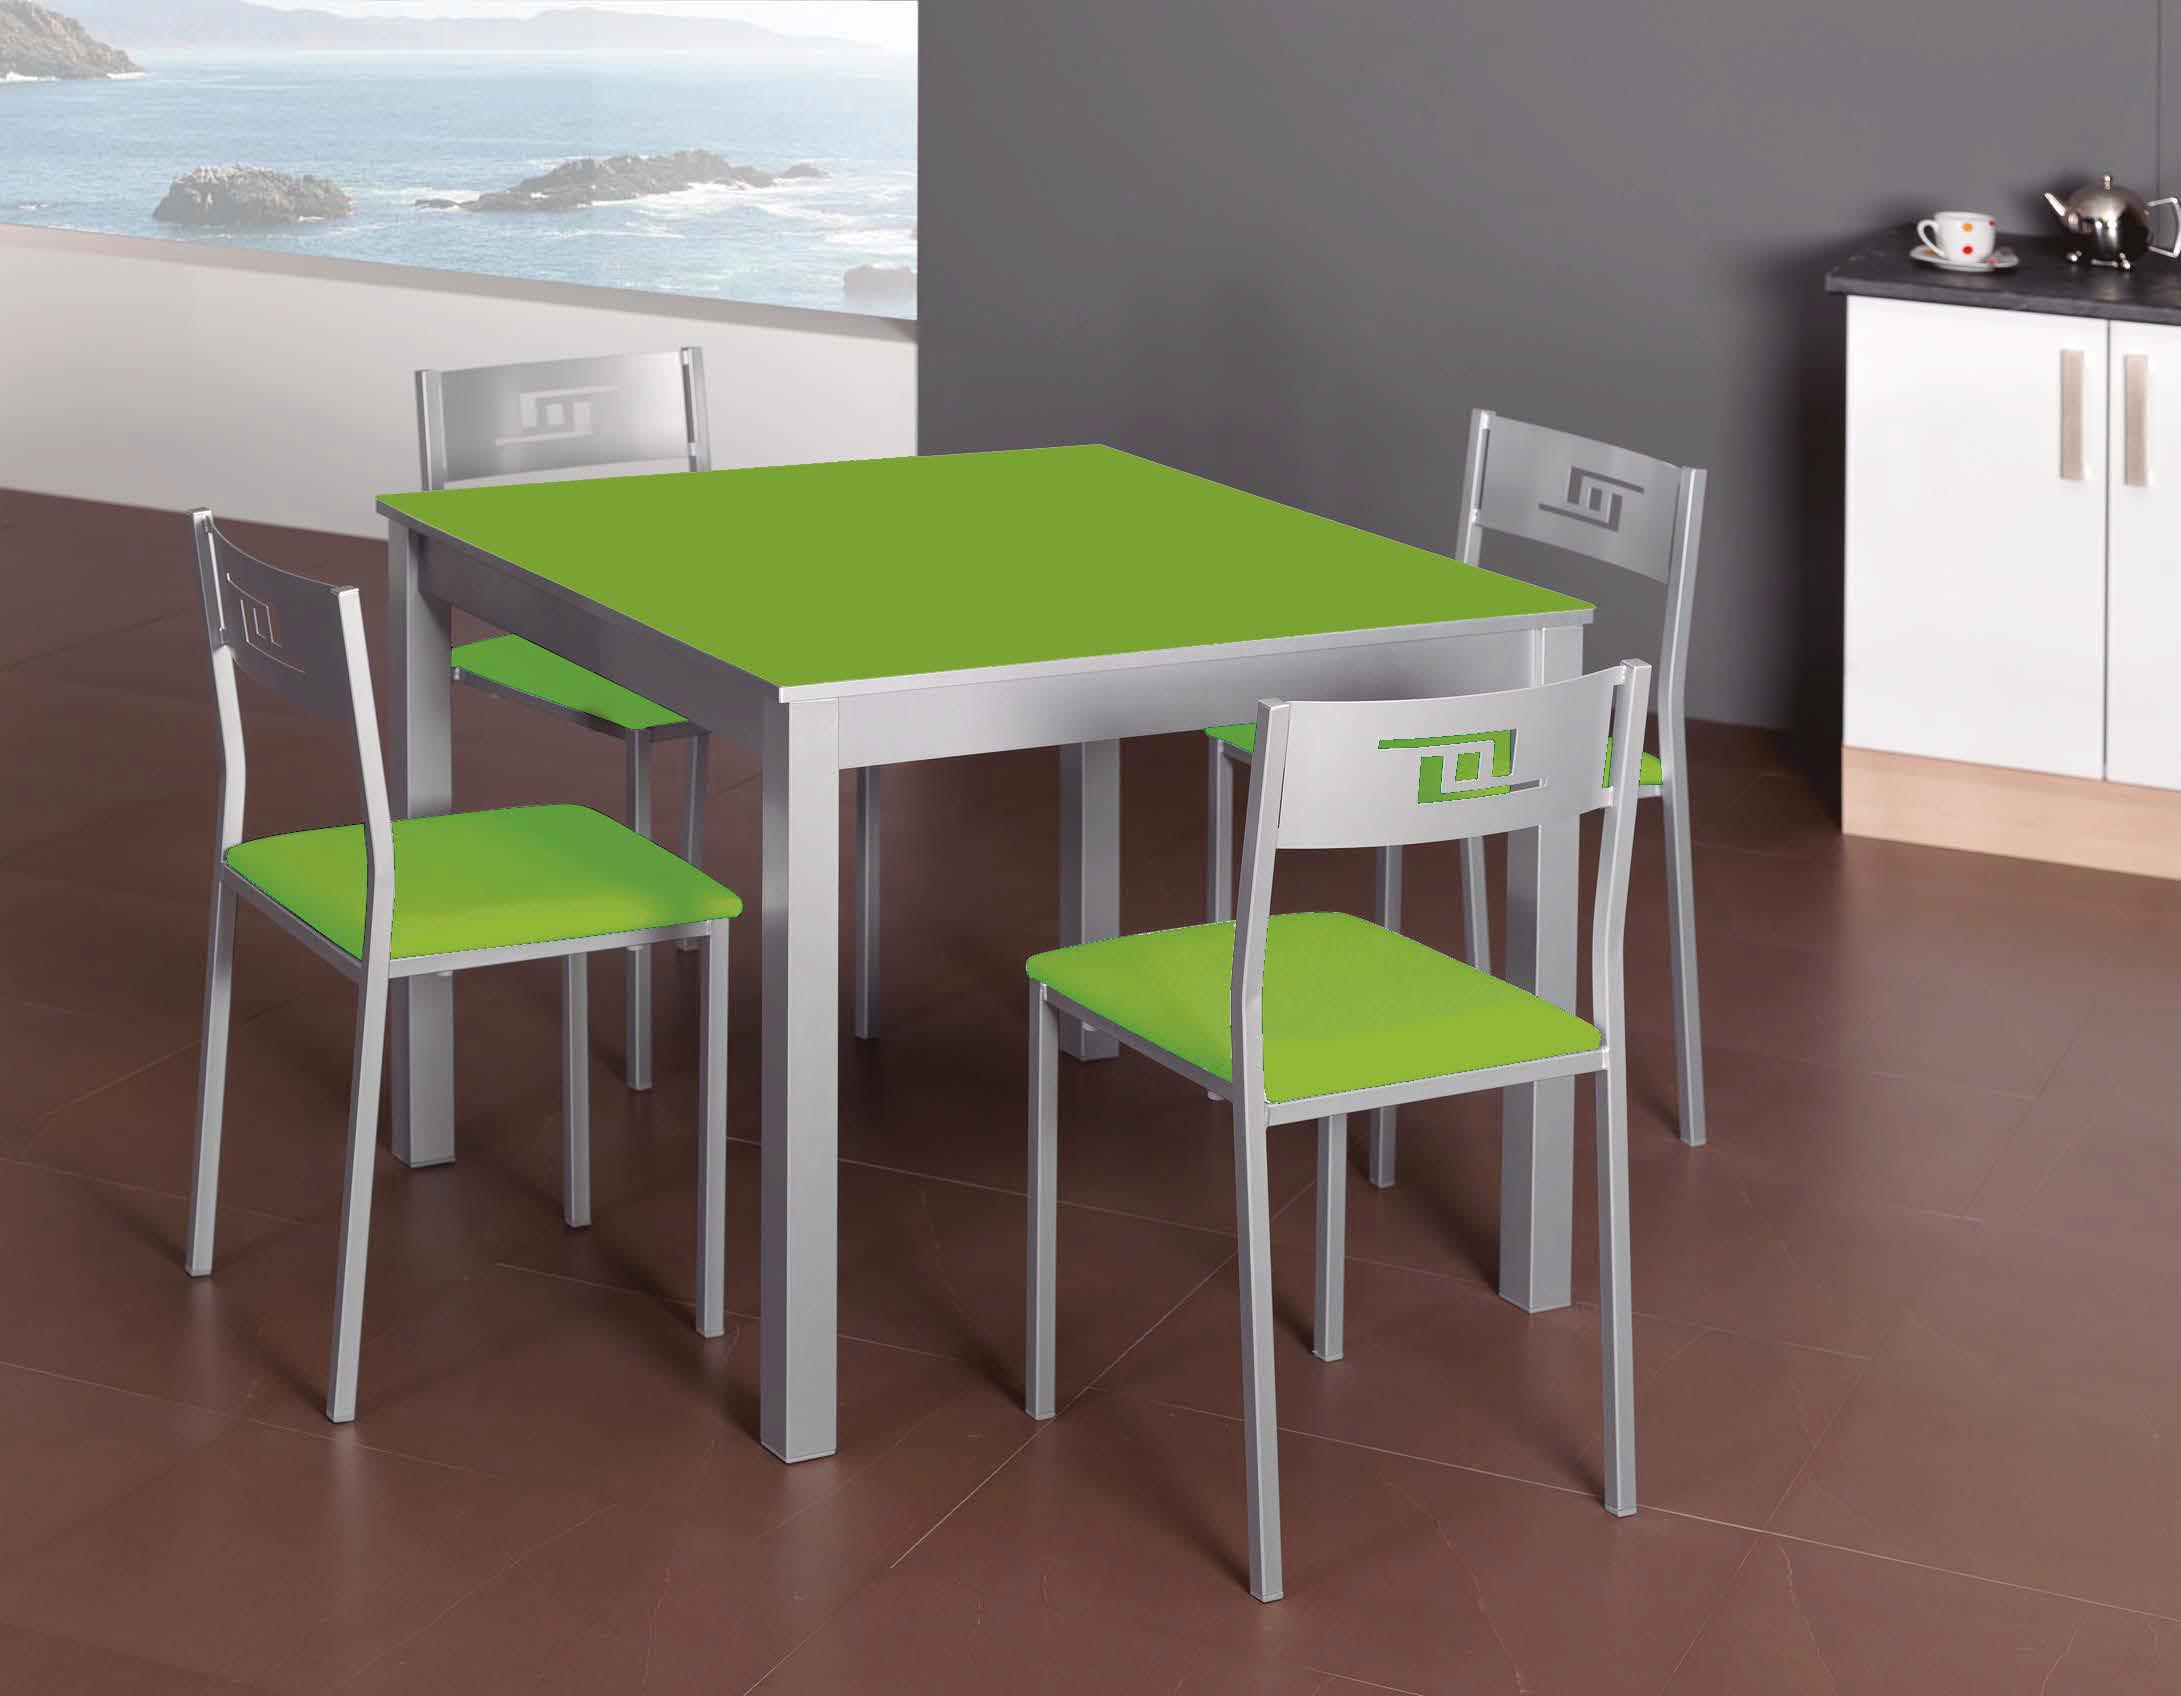 mesas-y-sillas-de-cocina-Low-2018-muebles-paco-caballero-209-5c95246422a6f